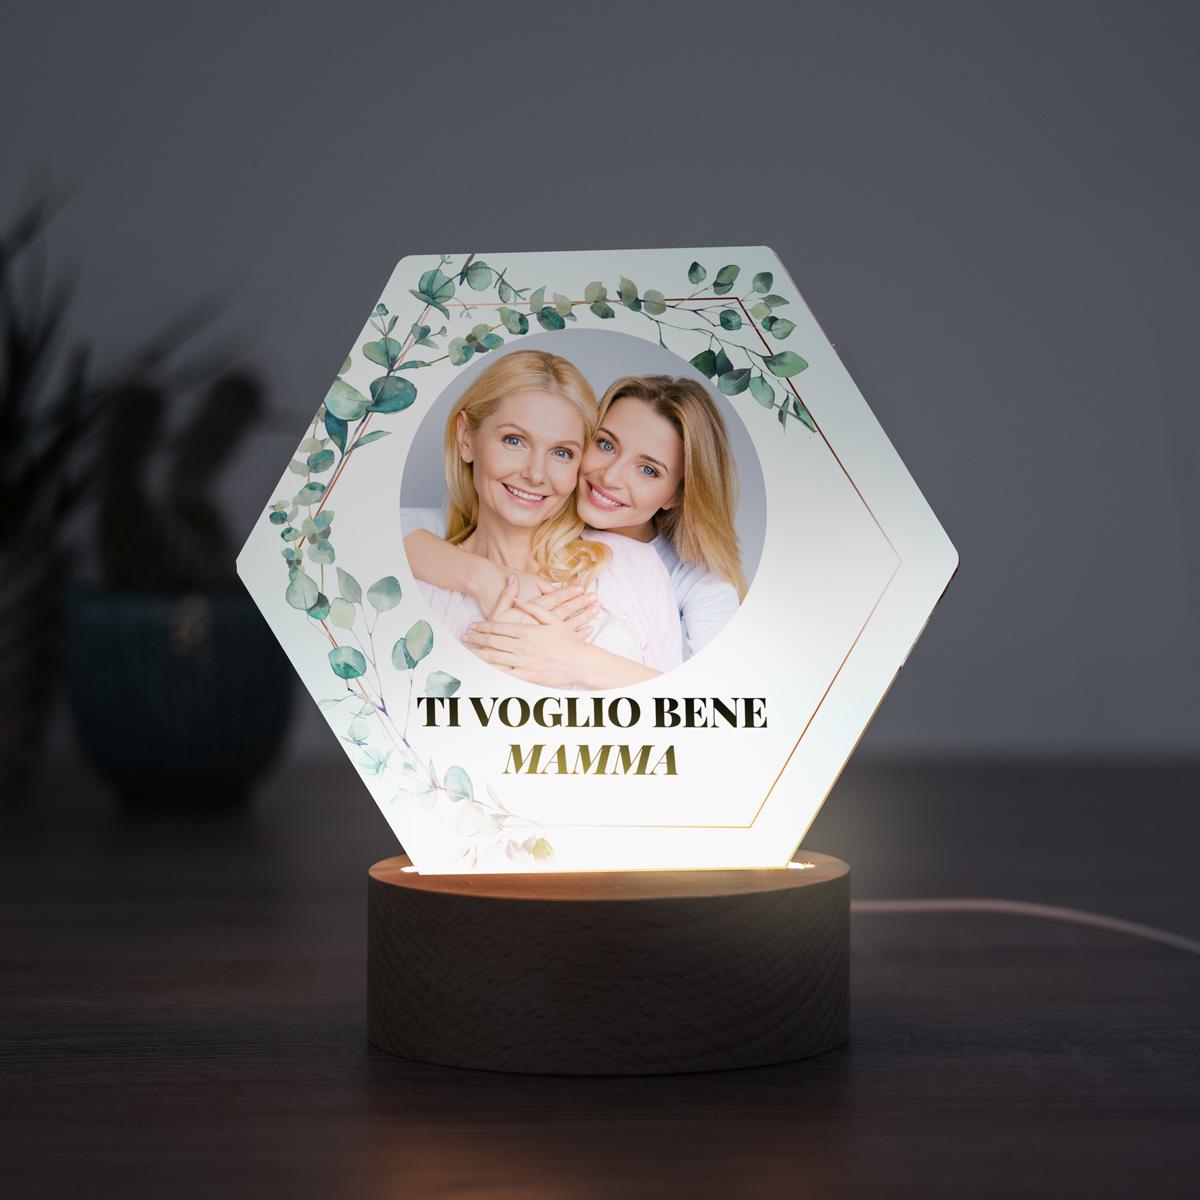 regali per la mamma lampada LED con foglie, foto e testo